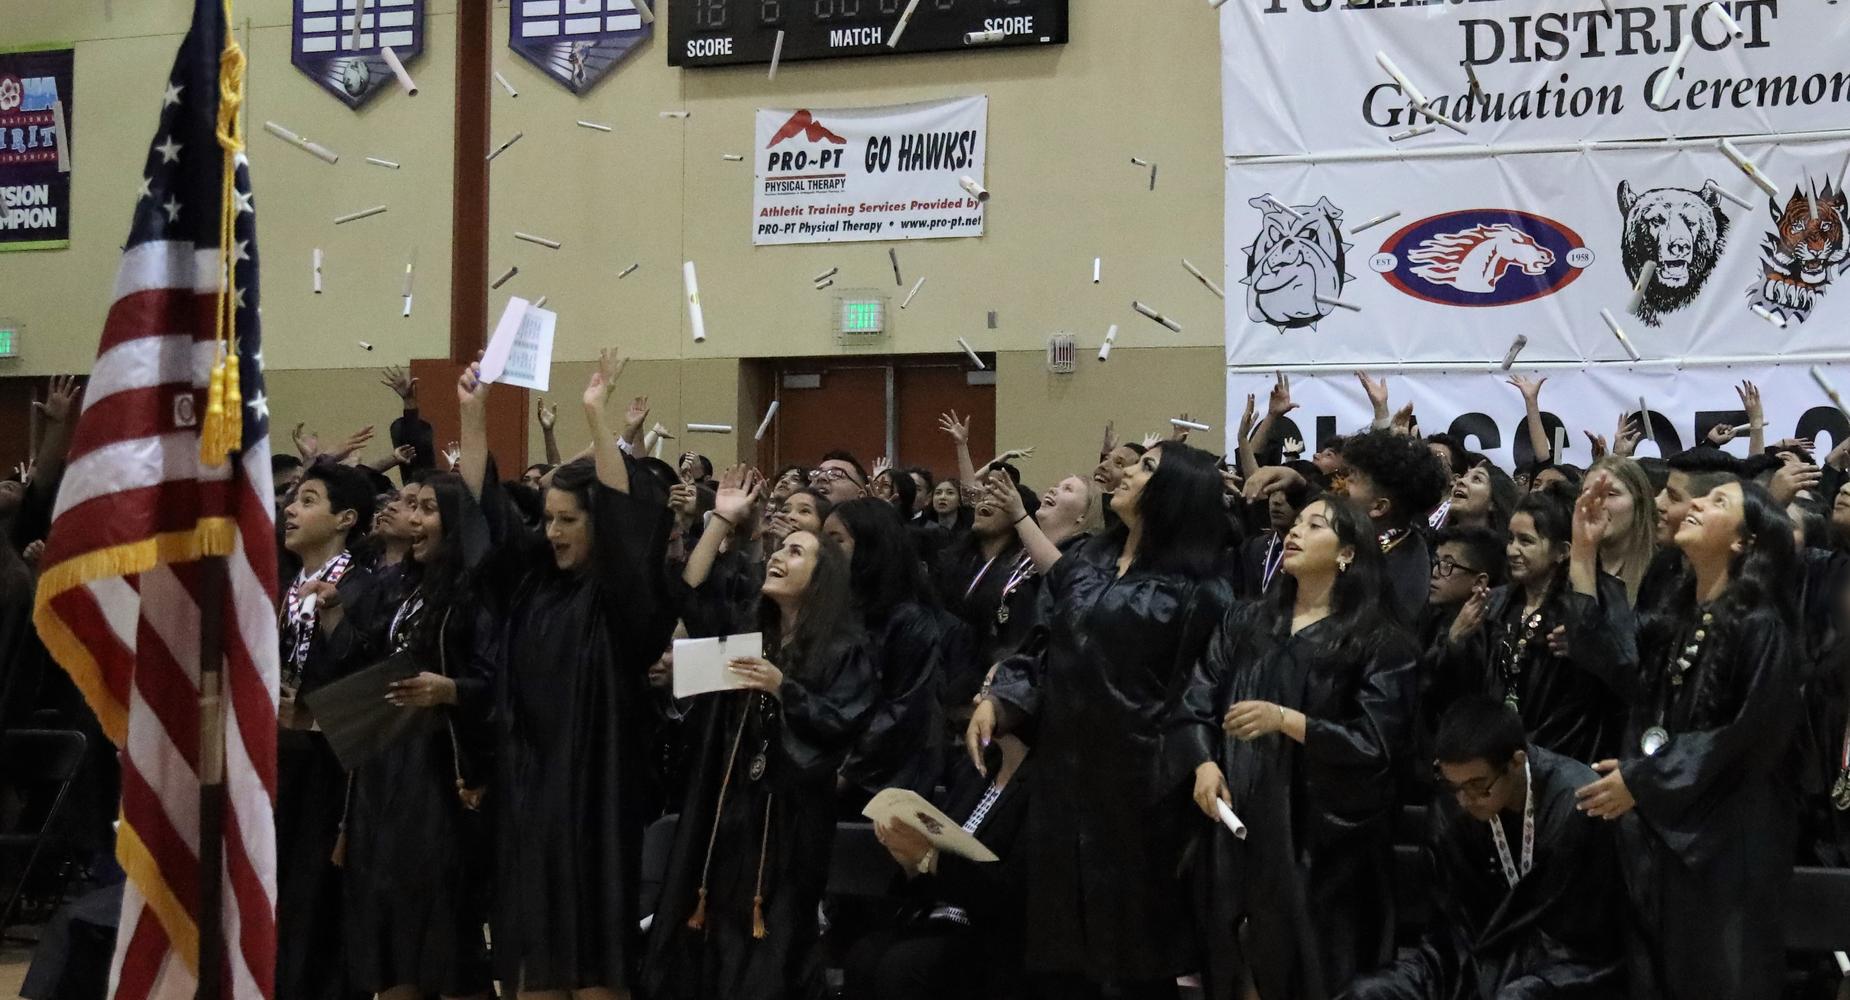 Los Tules Graduation